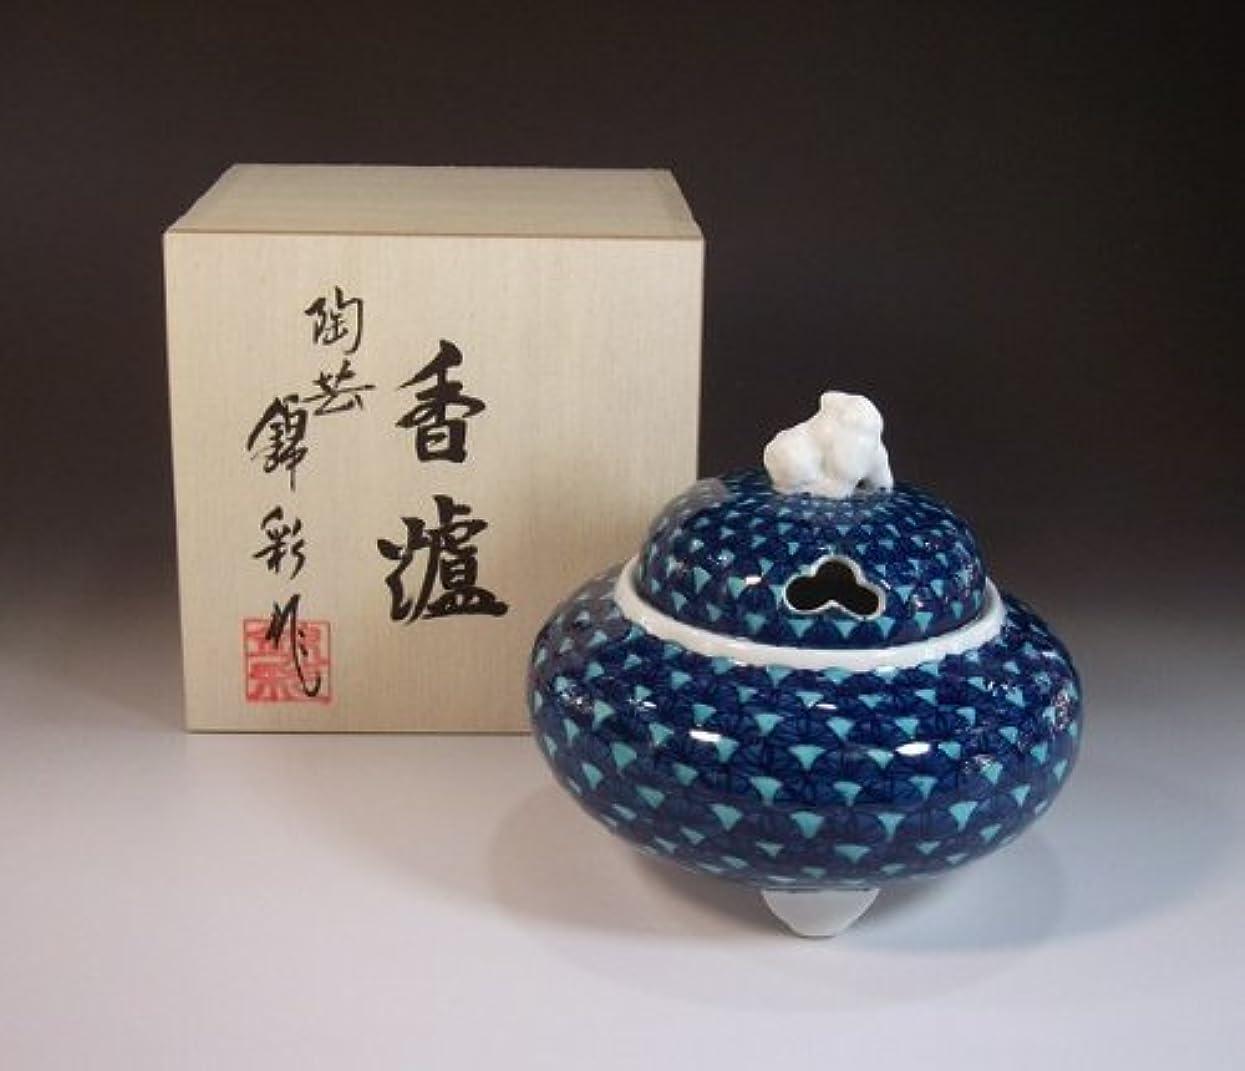 腕先生法的有田焼?伊万里焼の高級香炉陶器|贈答品|ギフト|記念品|贈り物|青海波?陶芸家 藤井錦彩